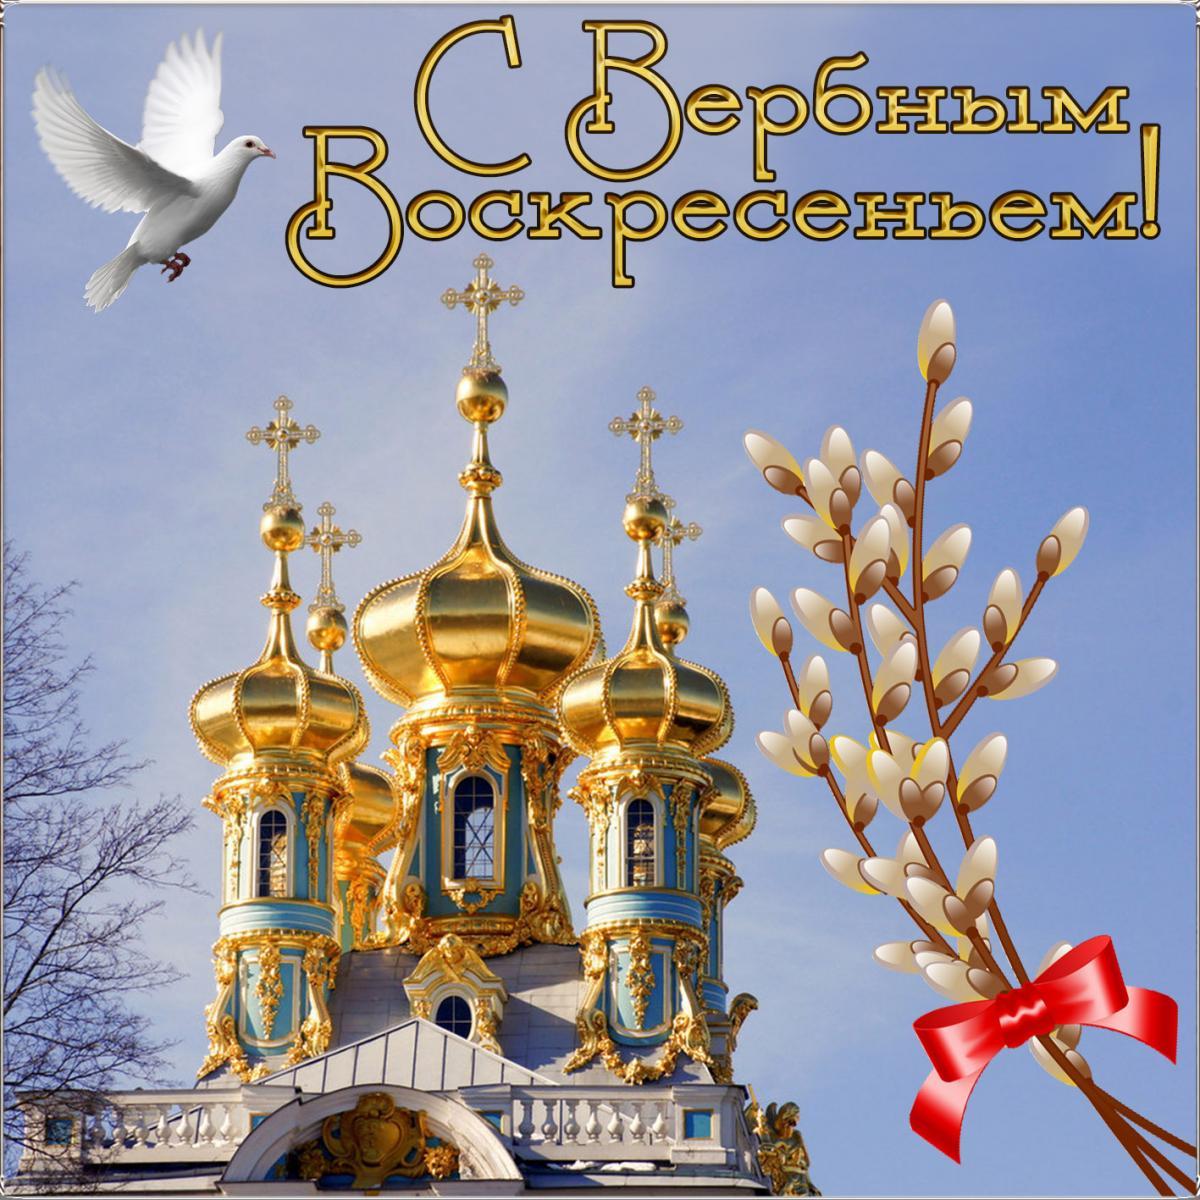 Вербное воскресенье 2019: короткие красивые поздравления, стихи, открытки, пожелания